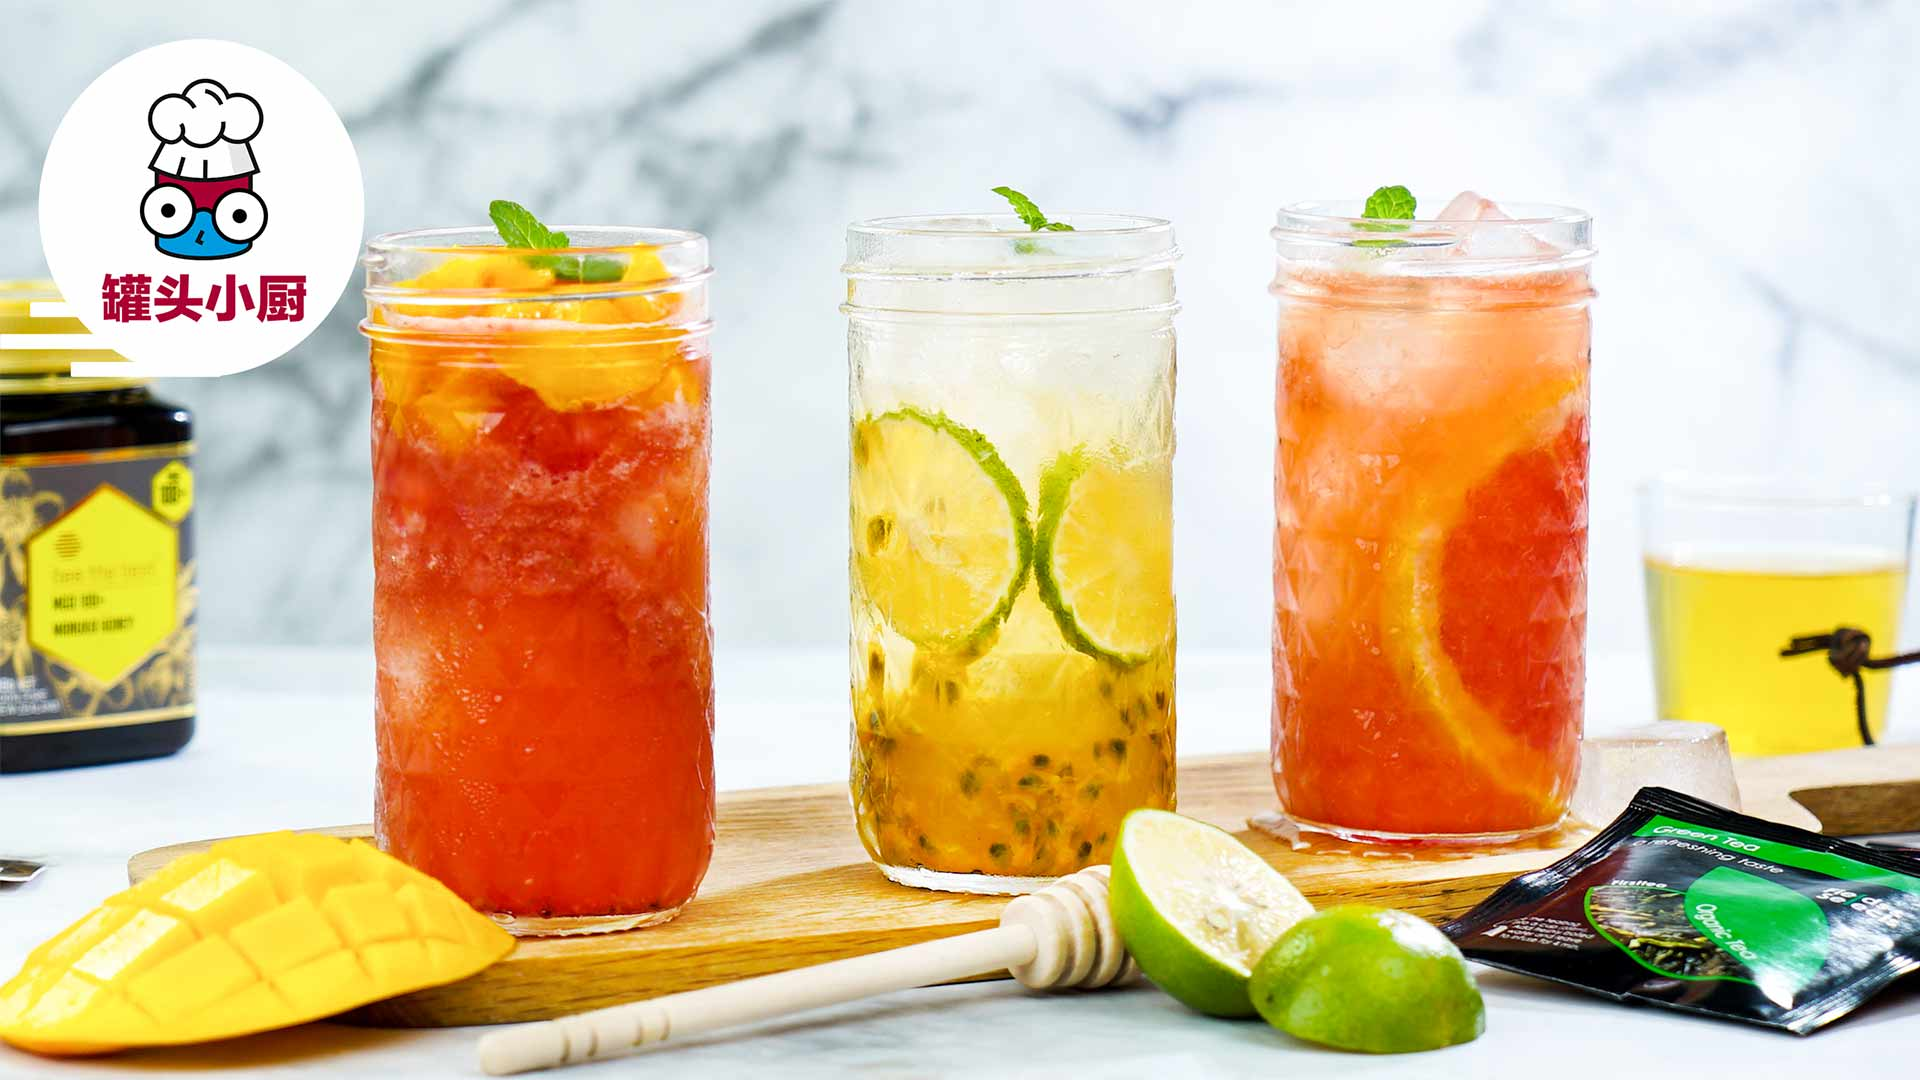 美味爽口的蜂蜜水果冷泡茶,帮你熬过三伏天